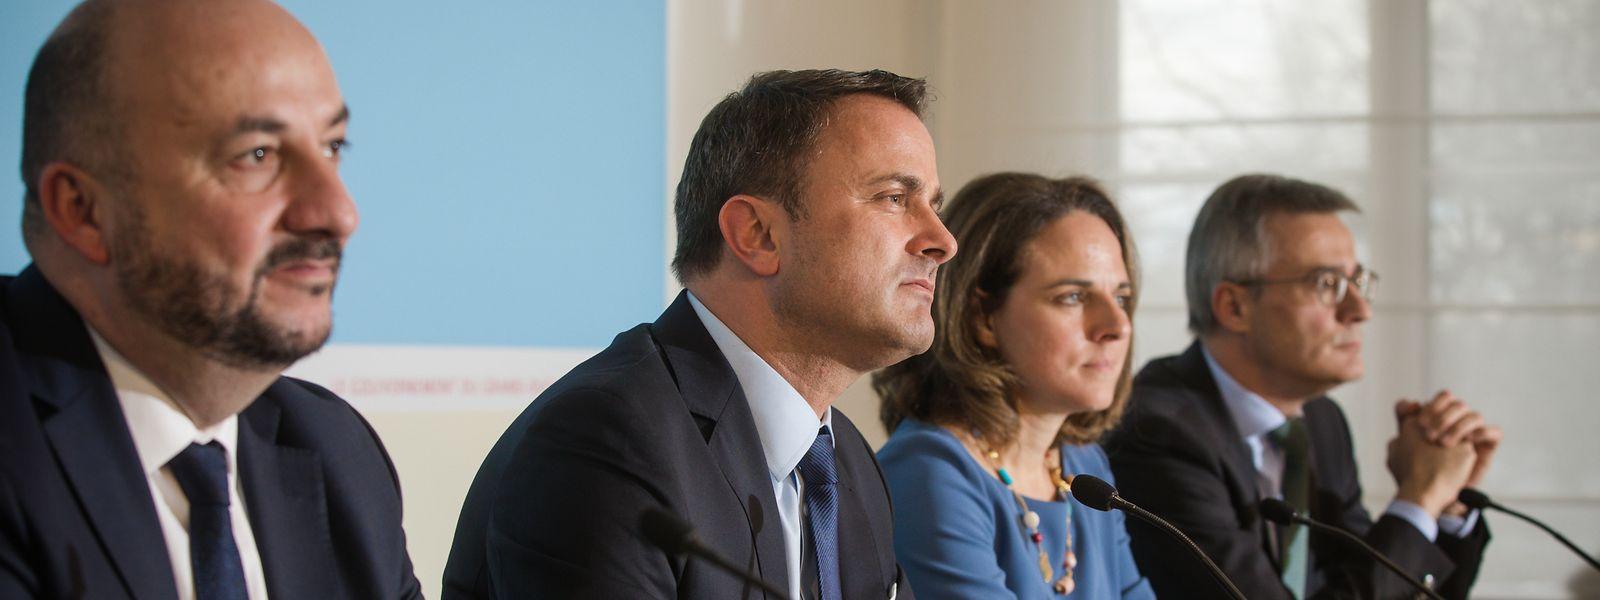 Zusammen mit den Verhandlungsführern von DP, LSAP und di Gréng veröffentlichte Formateur Xavier Bettel am Donnerstag erste Details aus dem Regierungsabkommen.